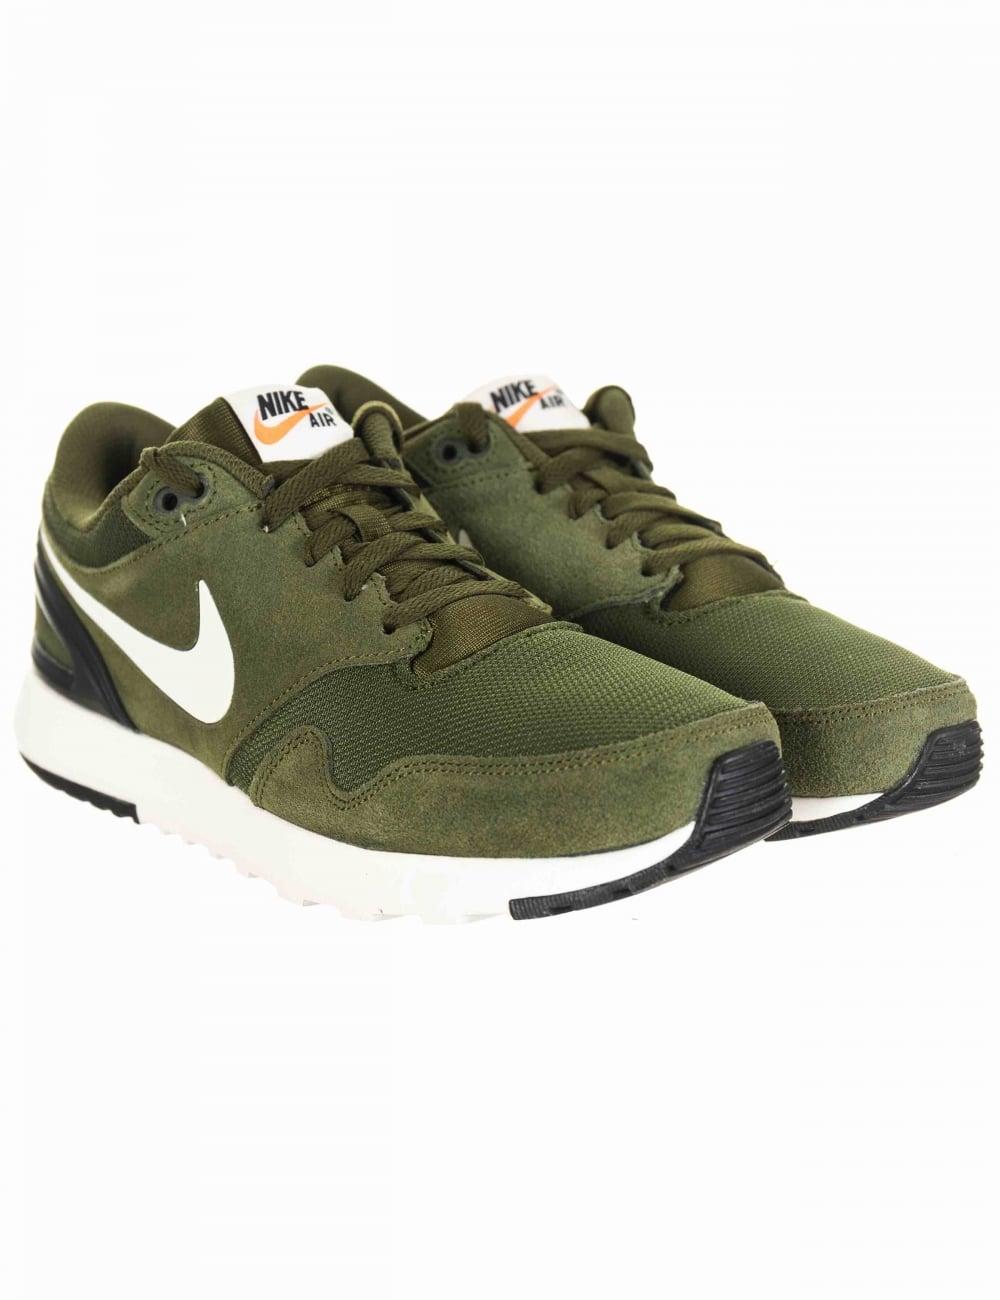 pretty nice 83da8 c7e61 Nike Air Vibenna Shoes - Legion Green Sail